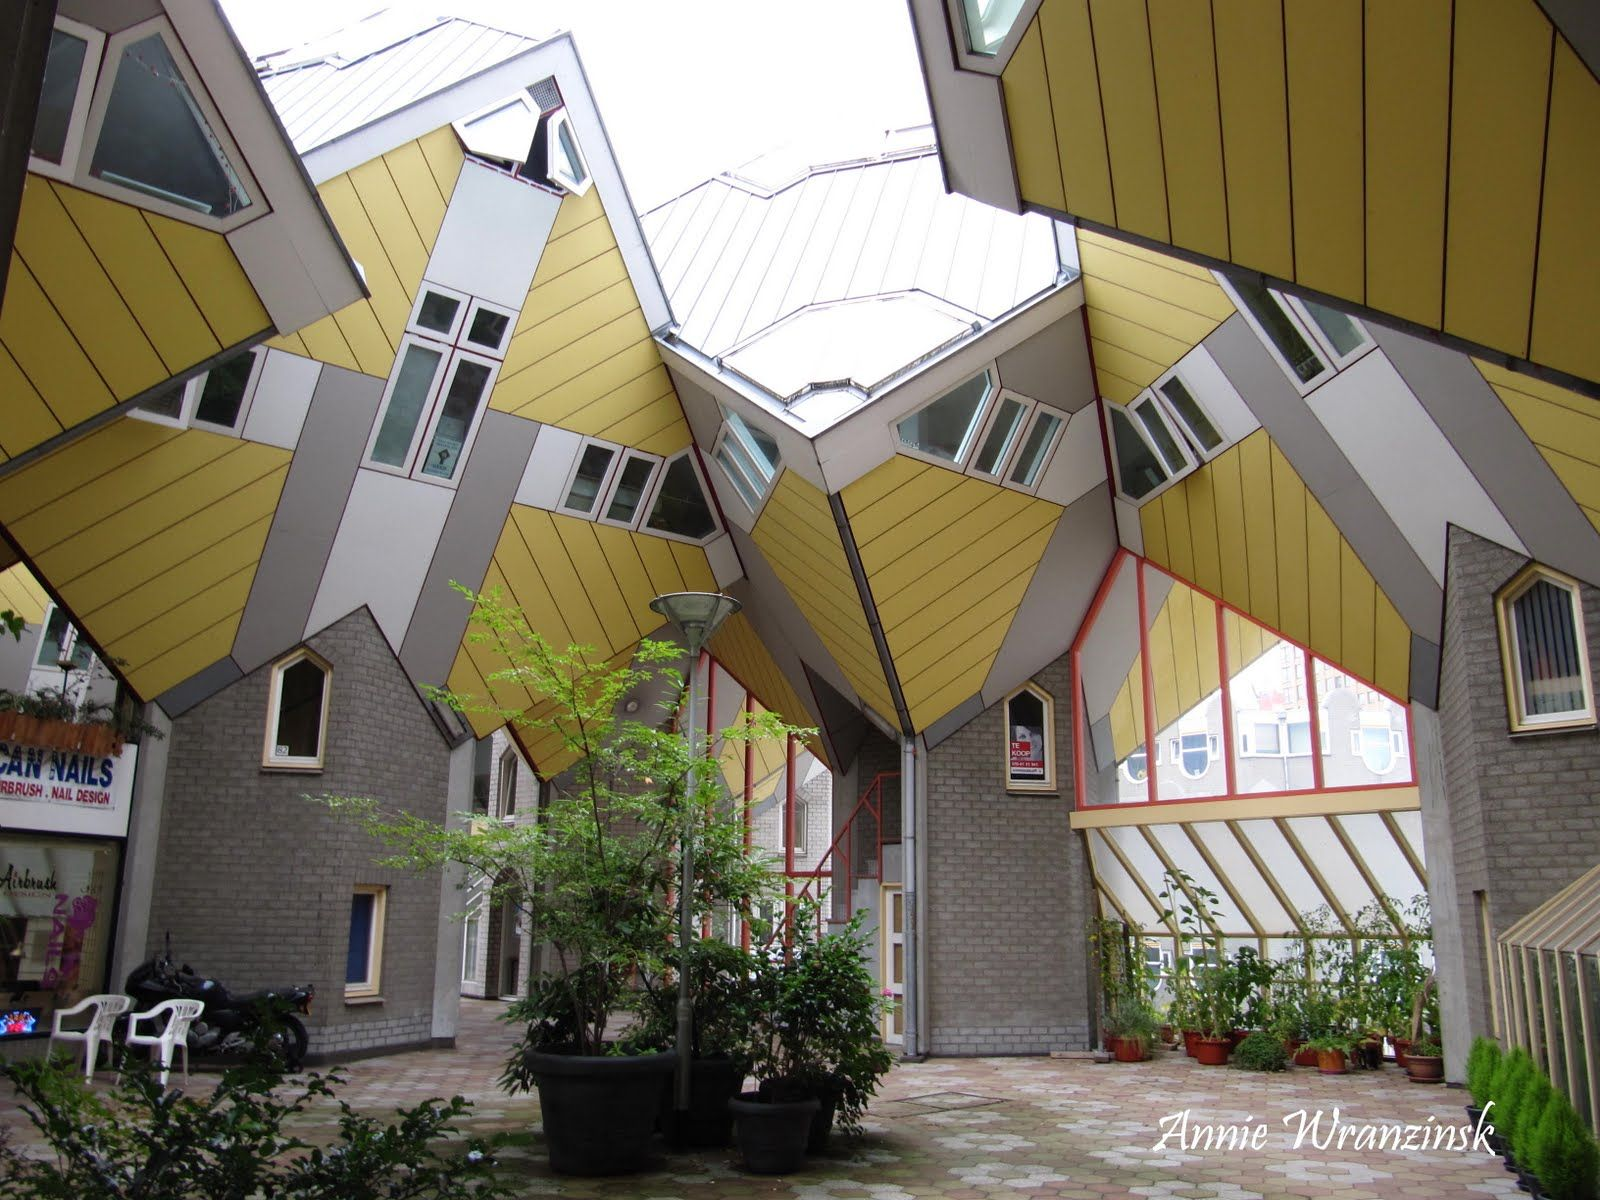 Oxente Lusitano: Arquitetura moderna de Rotterdam - Casas em cubus.